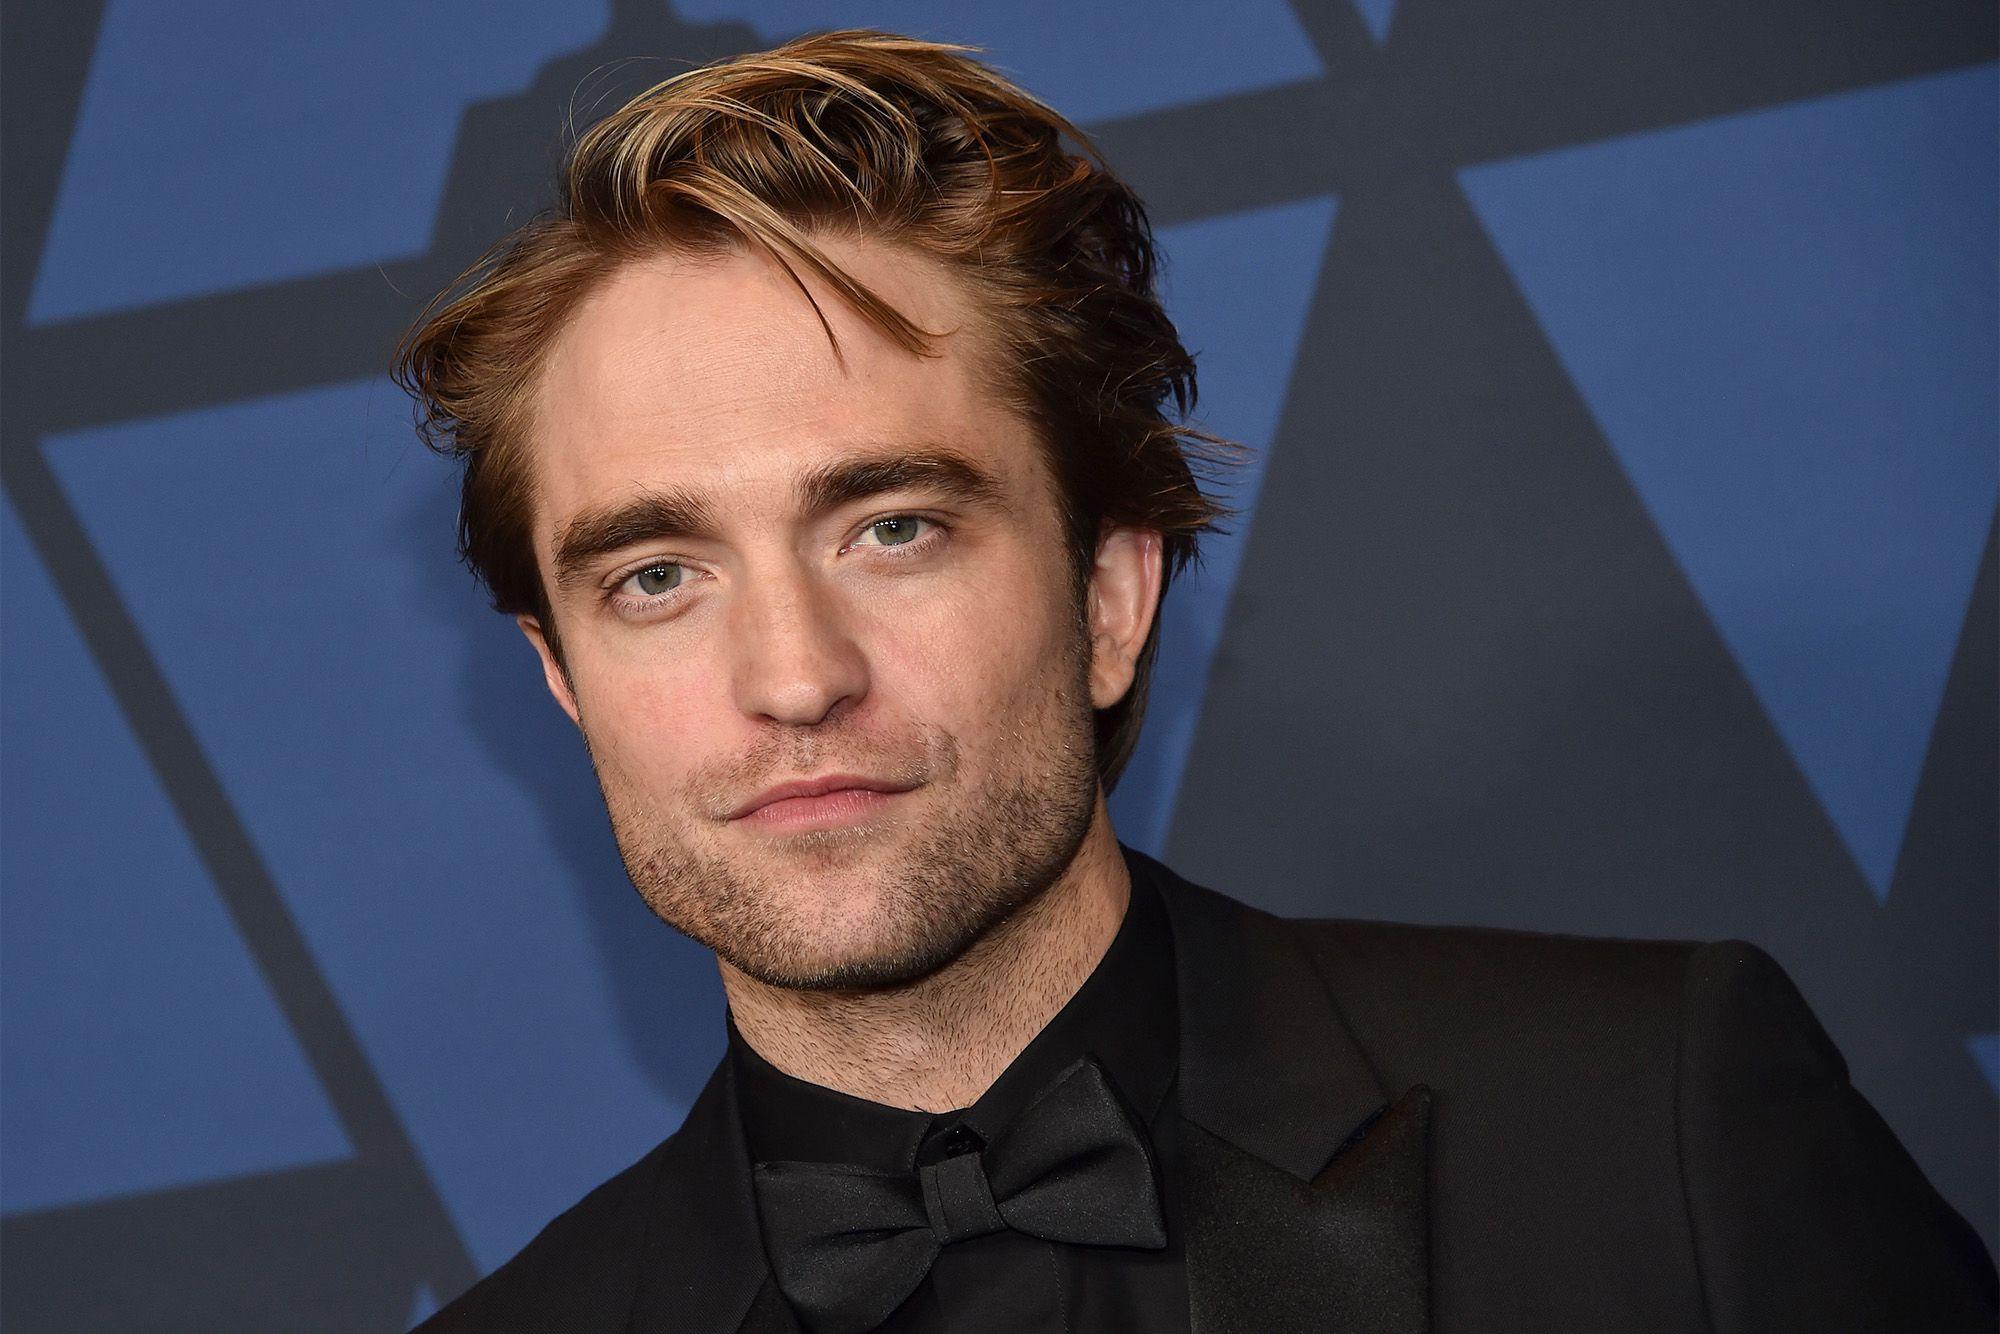 Robert Pattinson as Neil